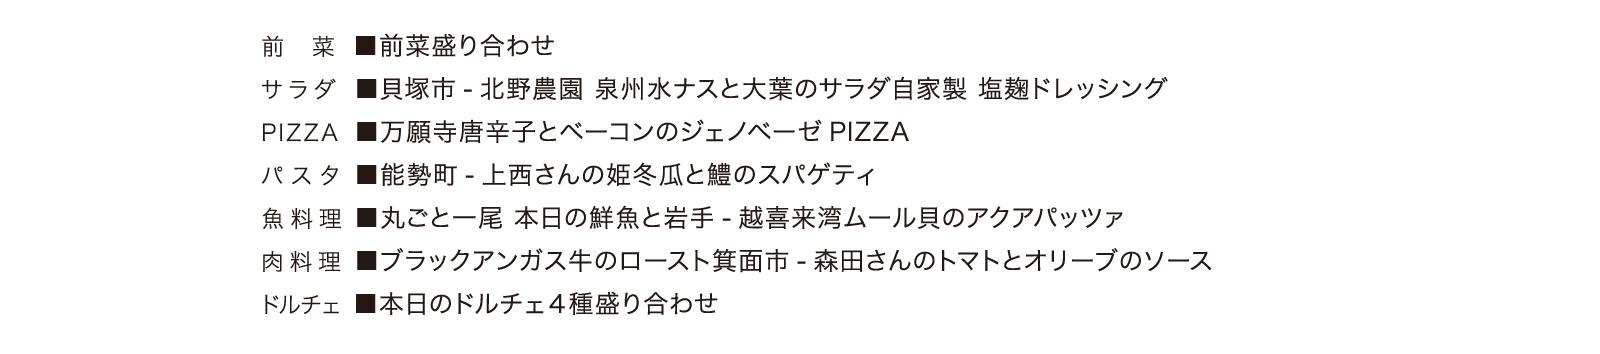 パーティープラン/お料理内容